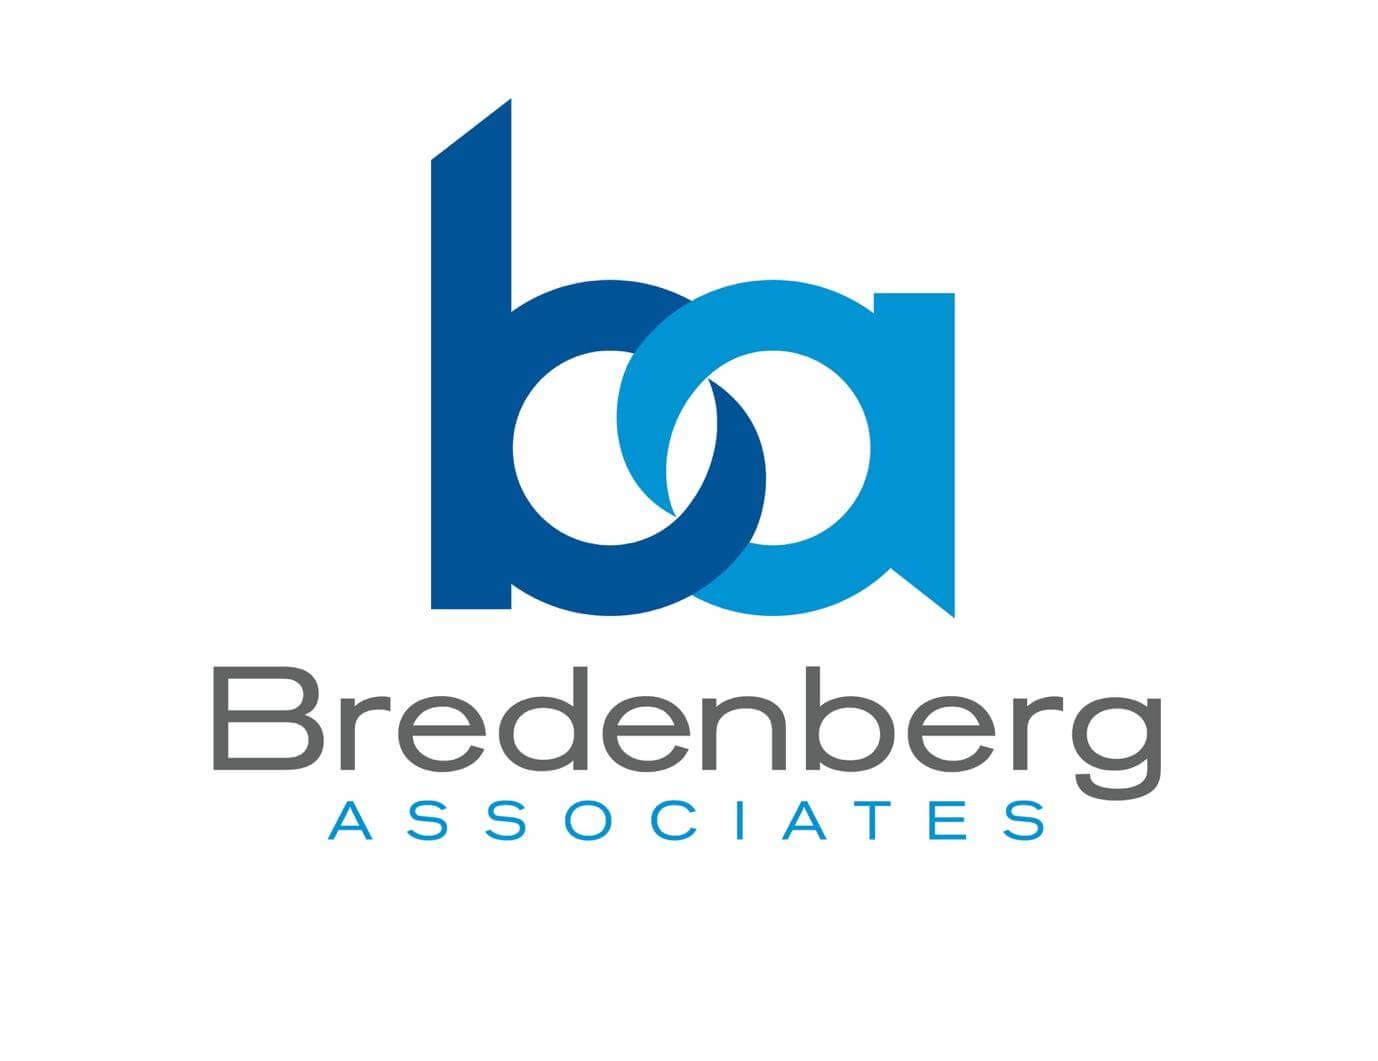 Bredenberg Associates logo